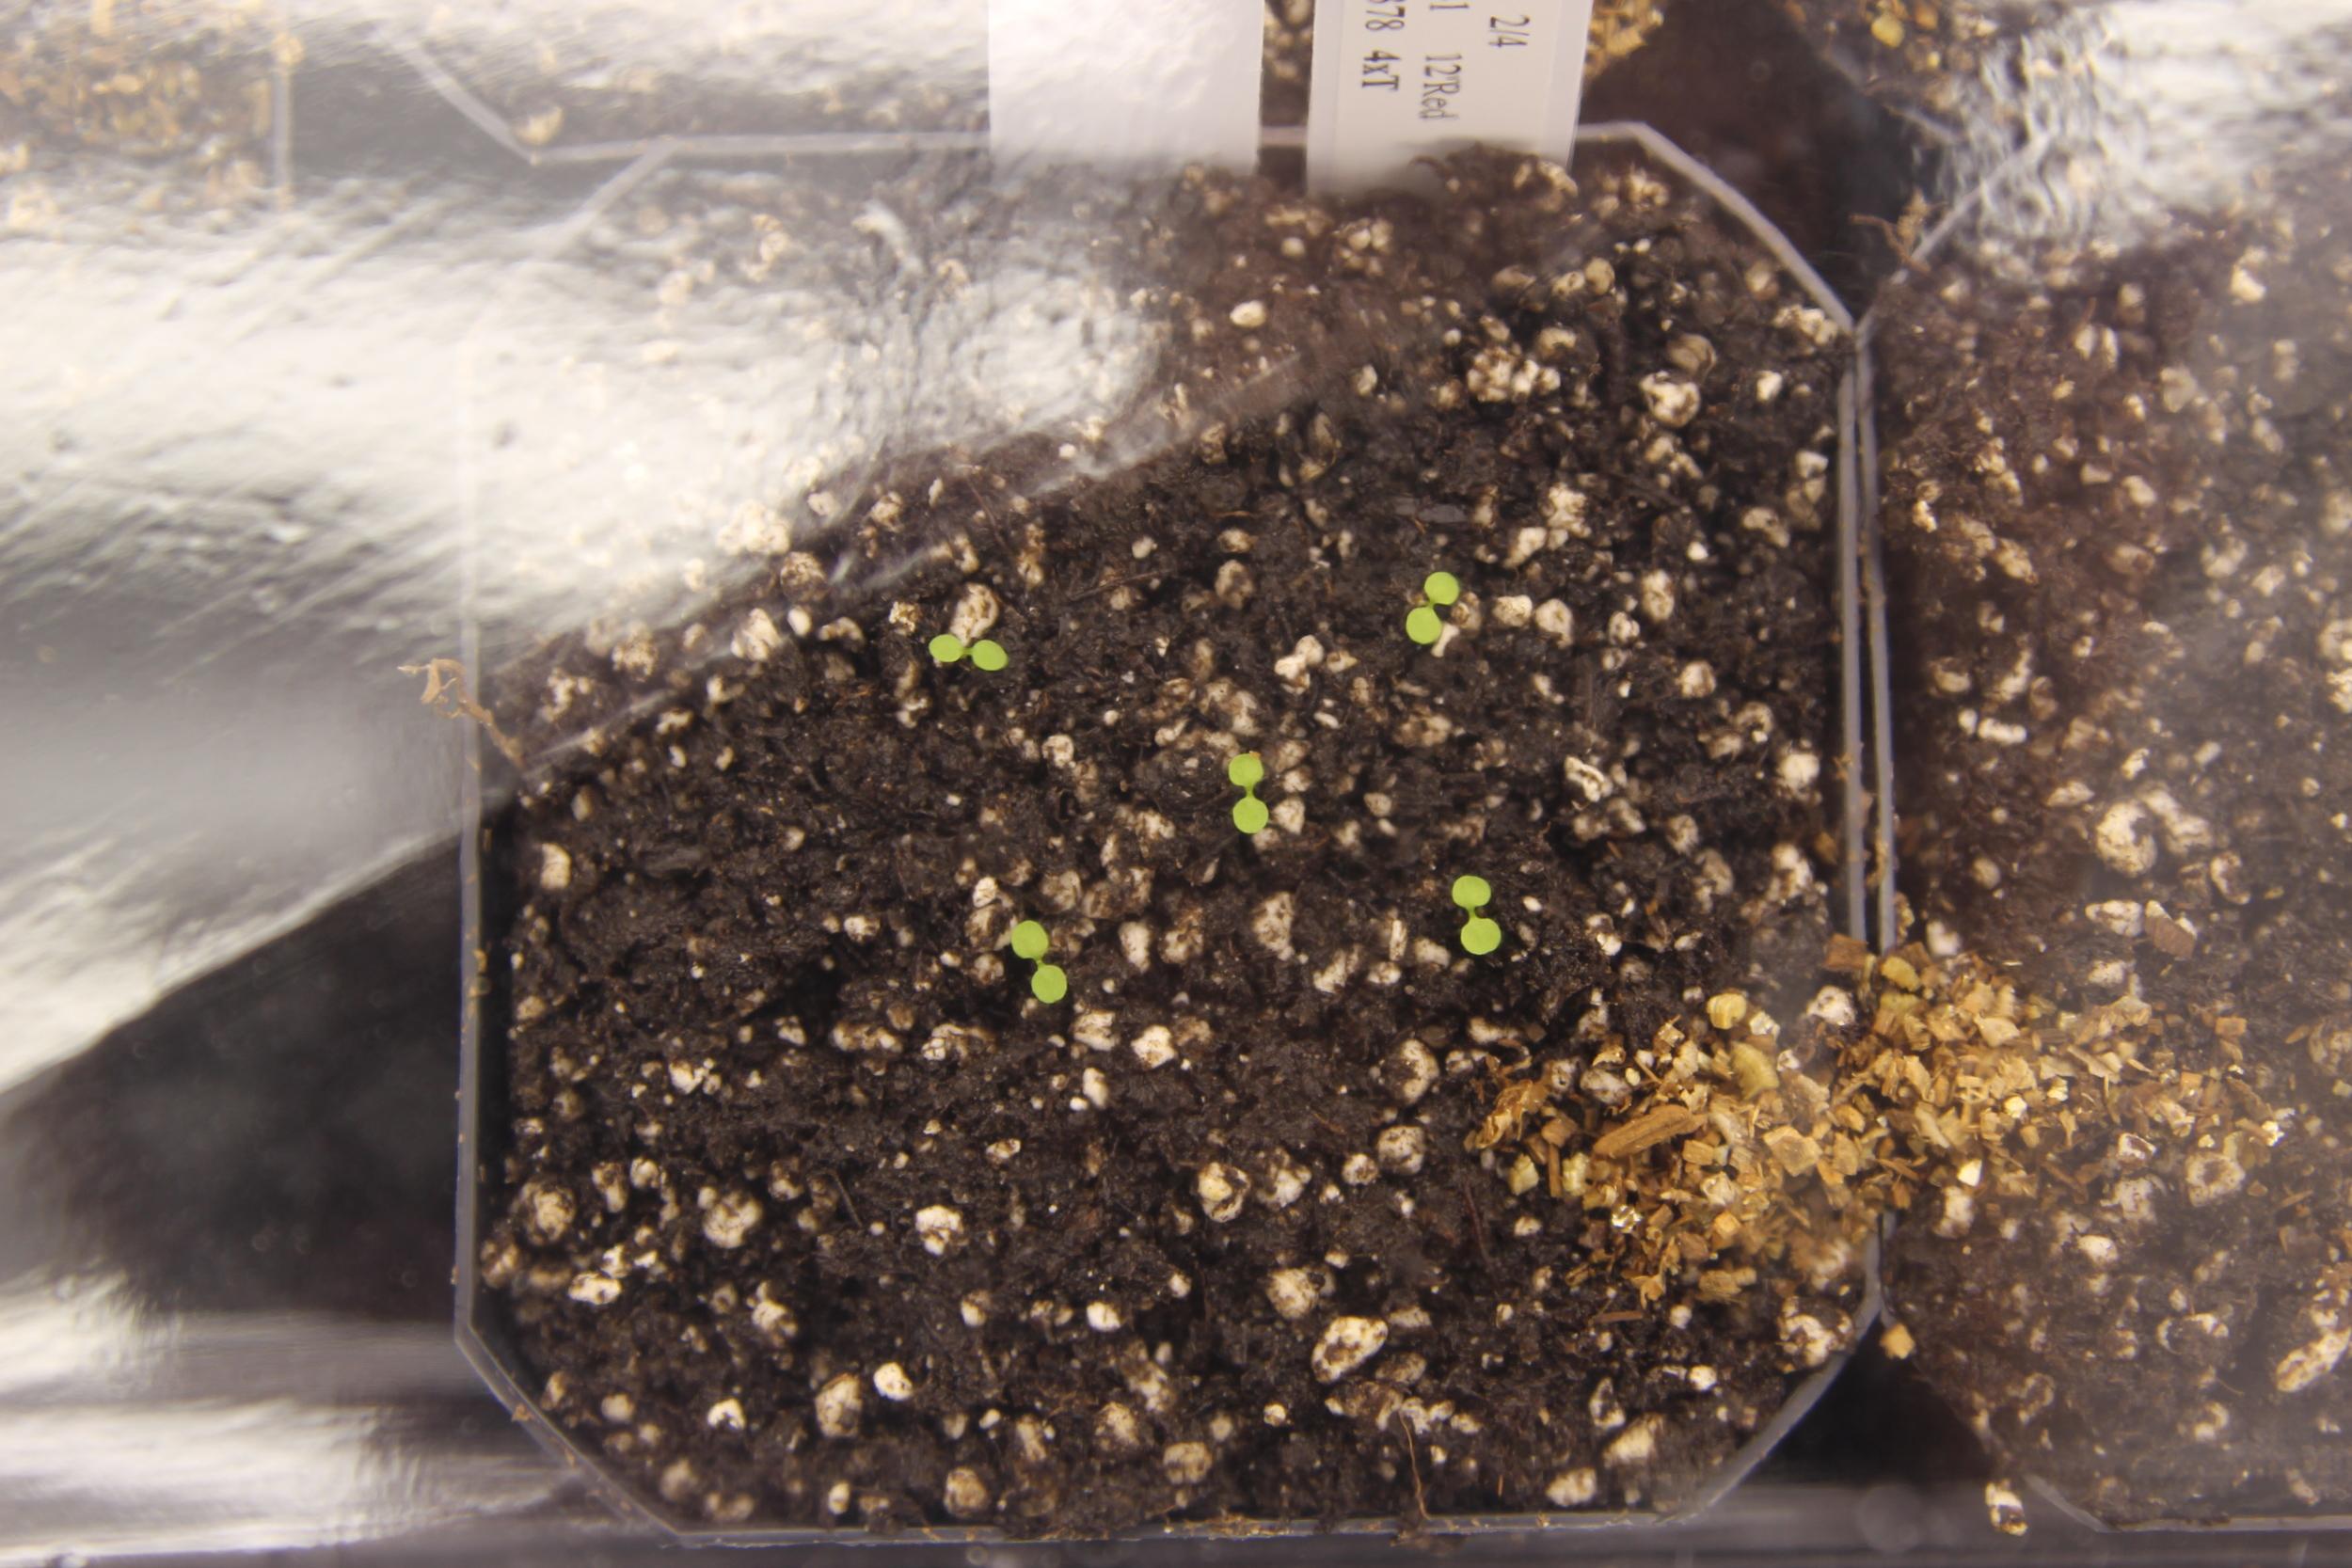 Arabidopsis seedlings